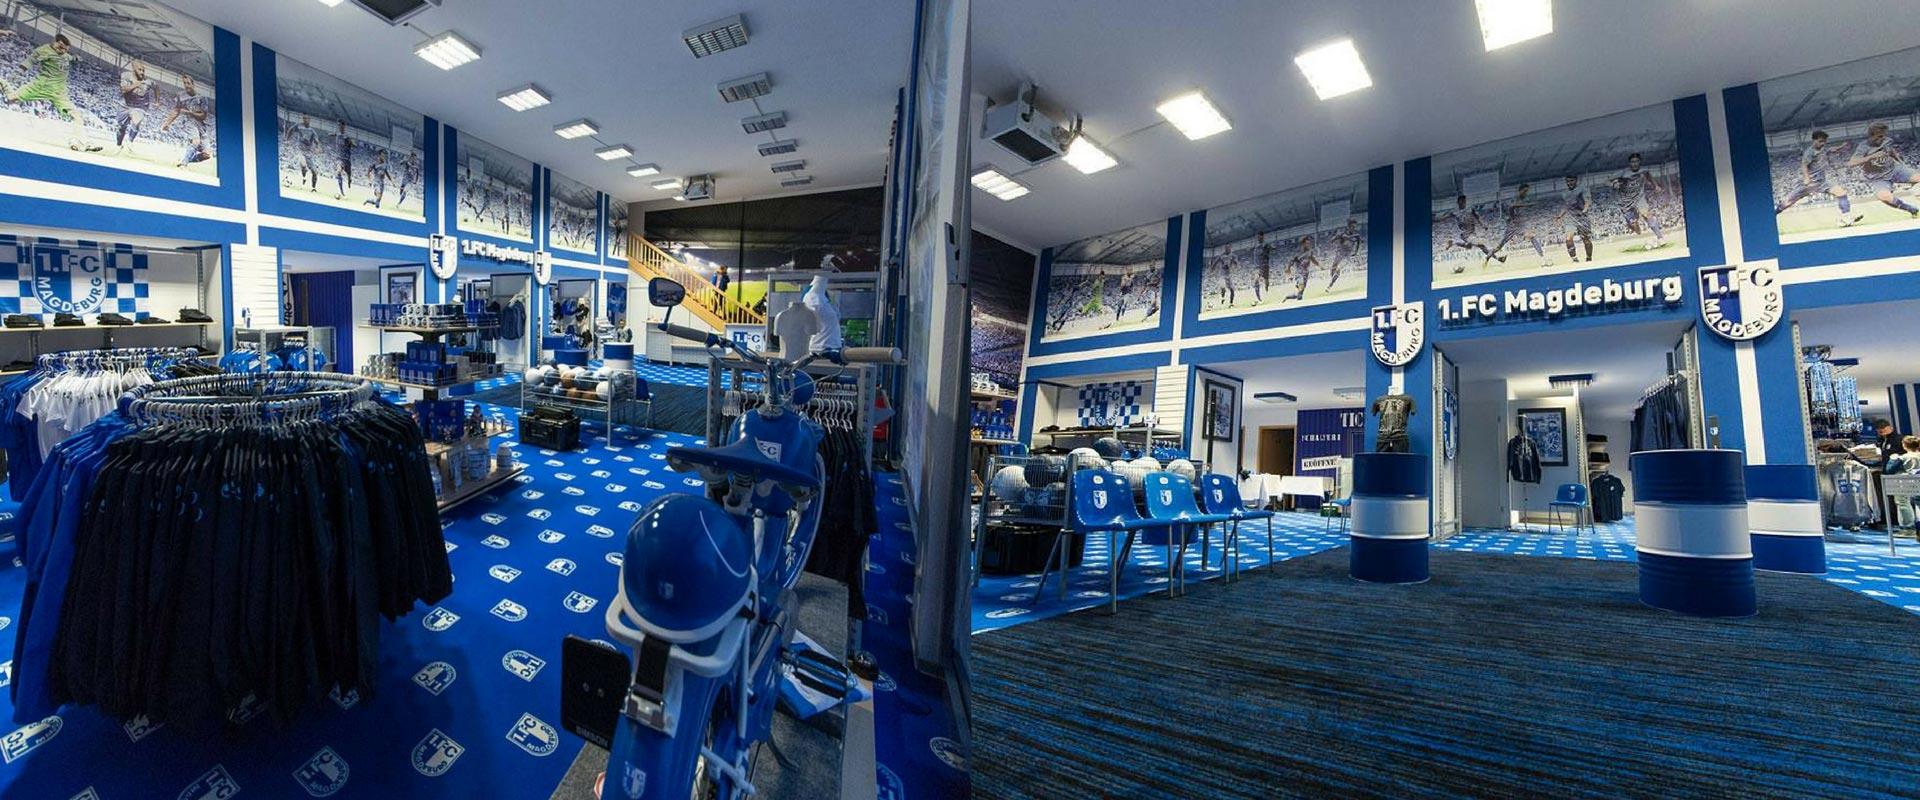 Fcm Shop Magdeburg